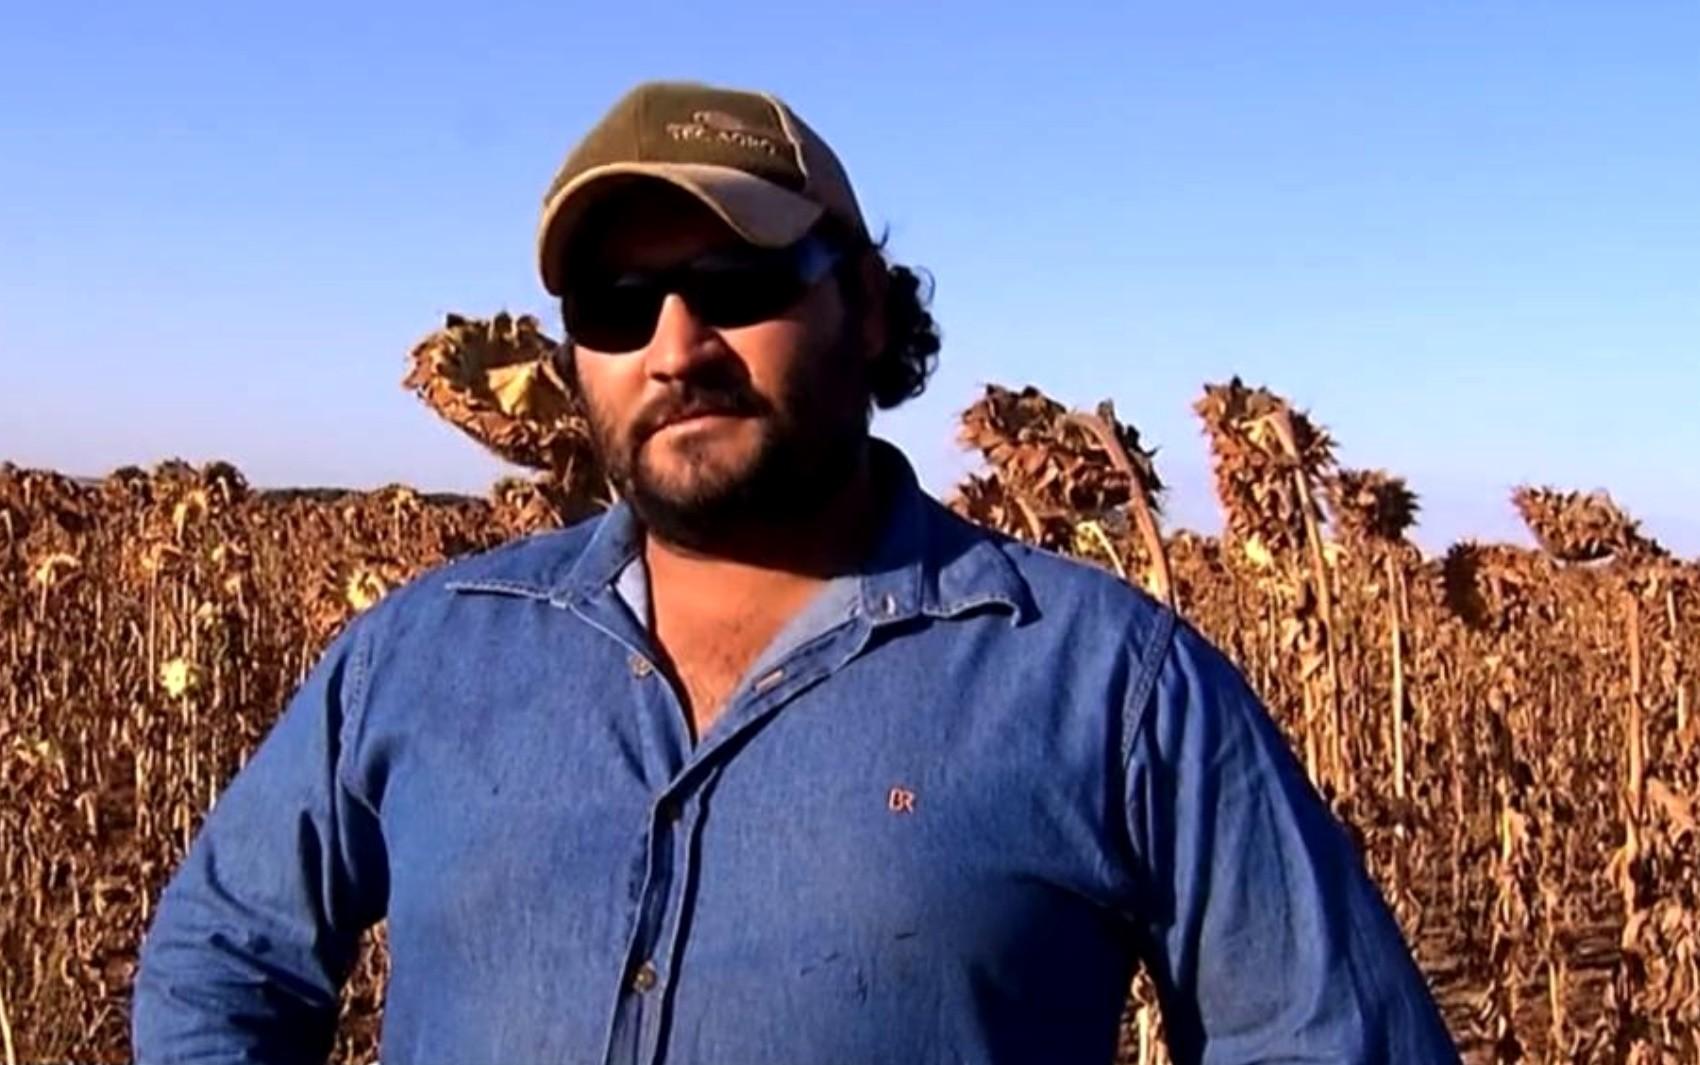 Produtor rural morre após cair de trator enquanto plantava soja, em Rio Verde